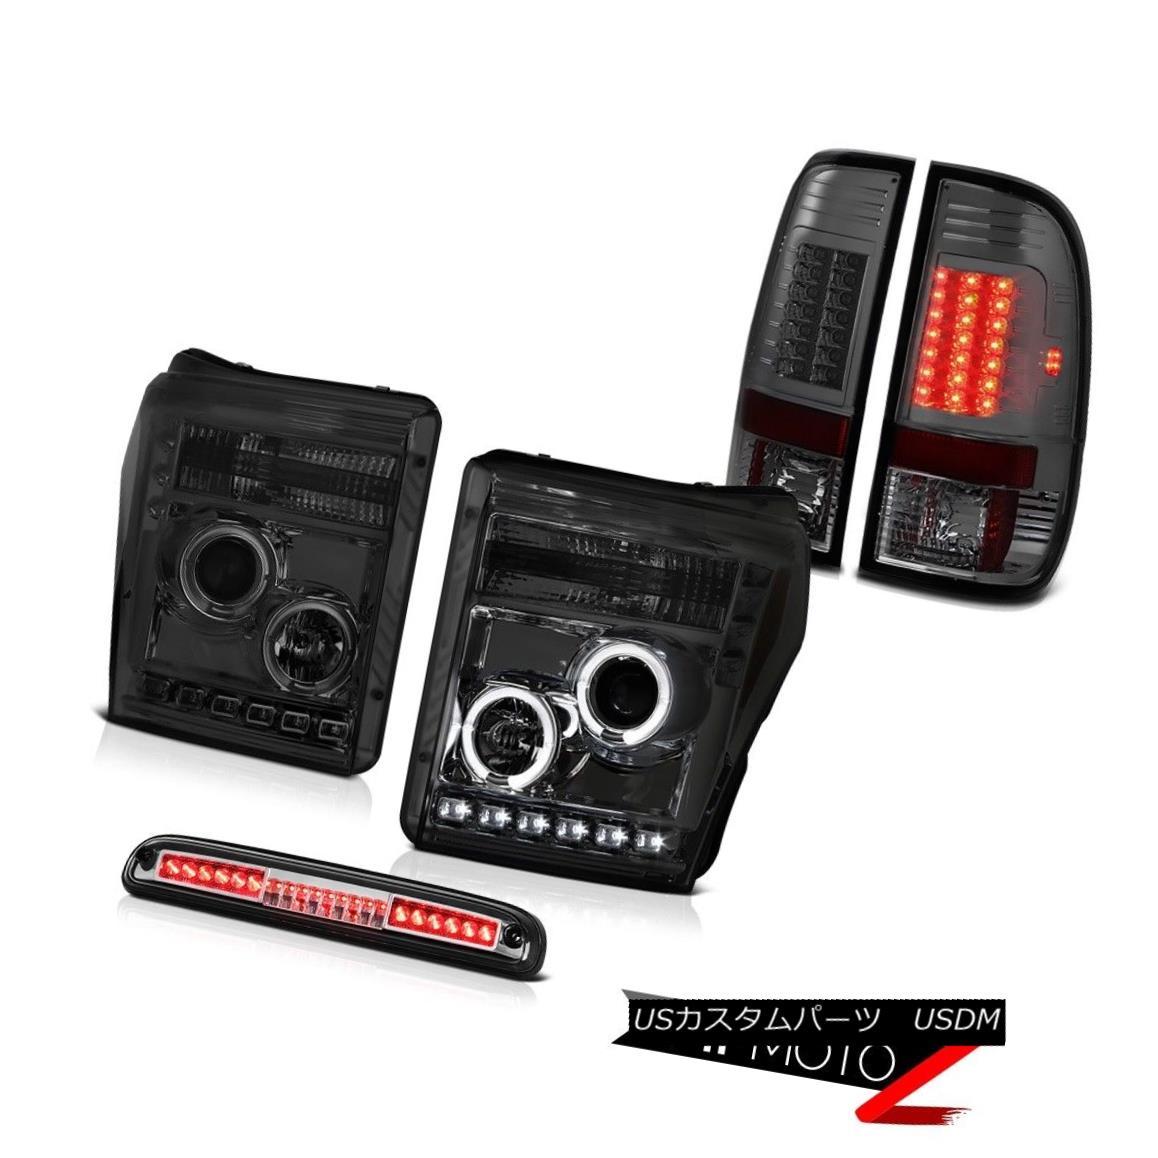 テールライト 11-16 F350 Xlt Third Brake Lamp Smokey Parking Lights Headlights SMD Halo Ring 11-16 F350 Xlt第3ブレーキランプスモーキーパーキングライトヘッドライトSMDハローリング